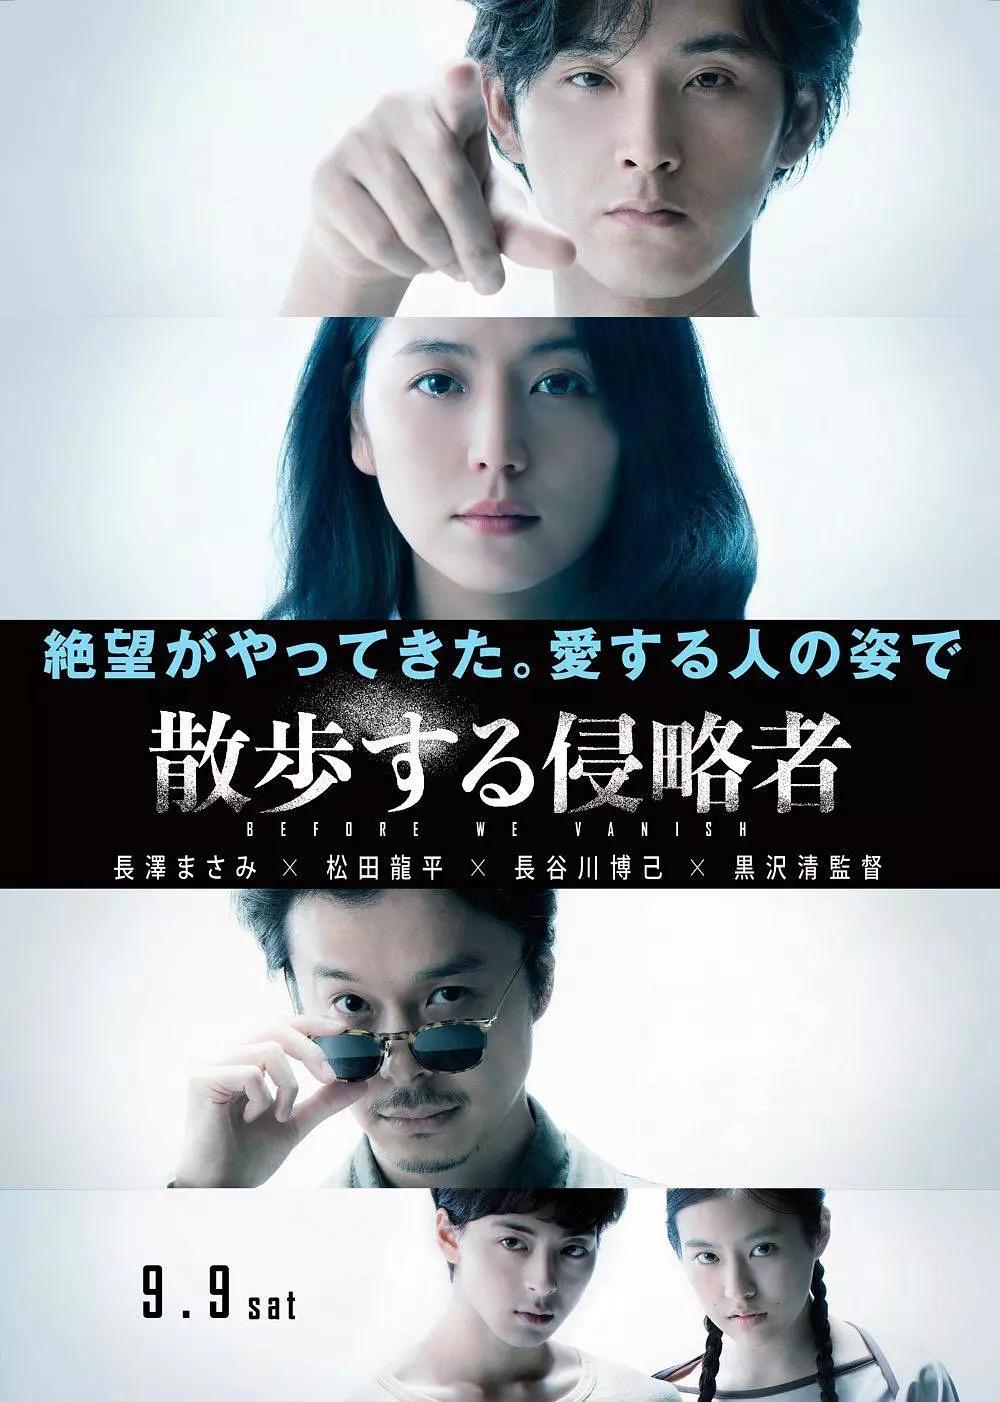 散步的侵略者 [长泽雅美/松田龙平,提名日本电影学院奖最佳导演、最佳女主角]